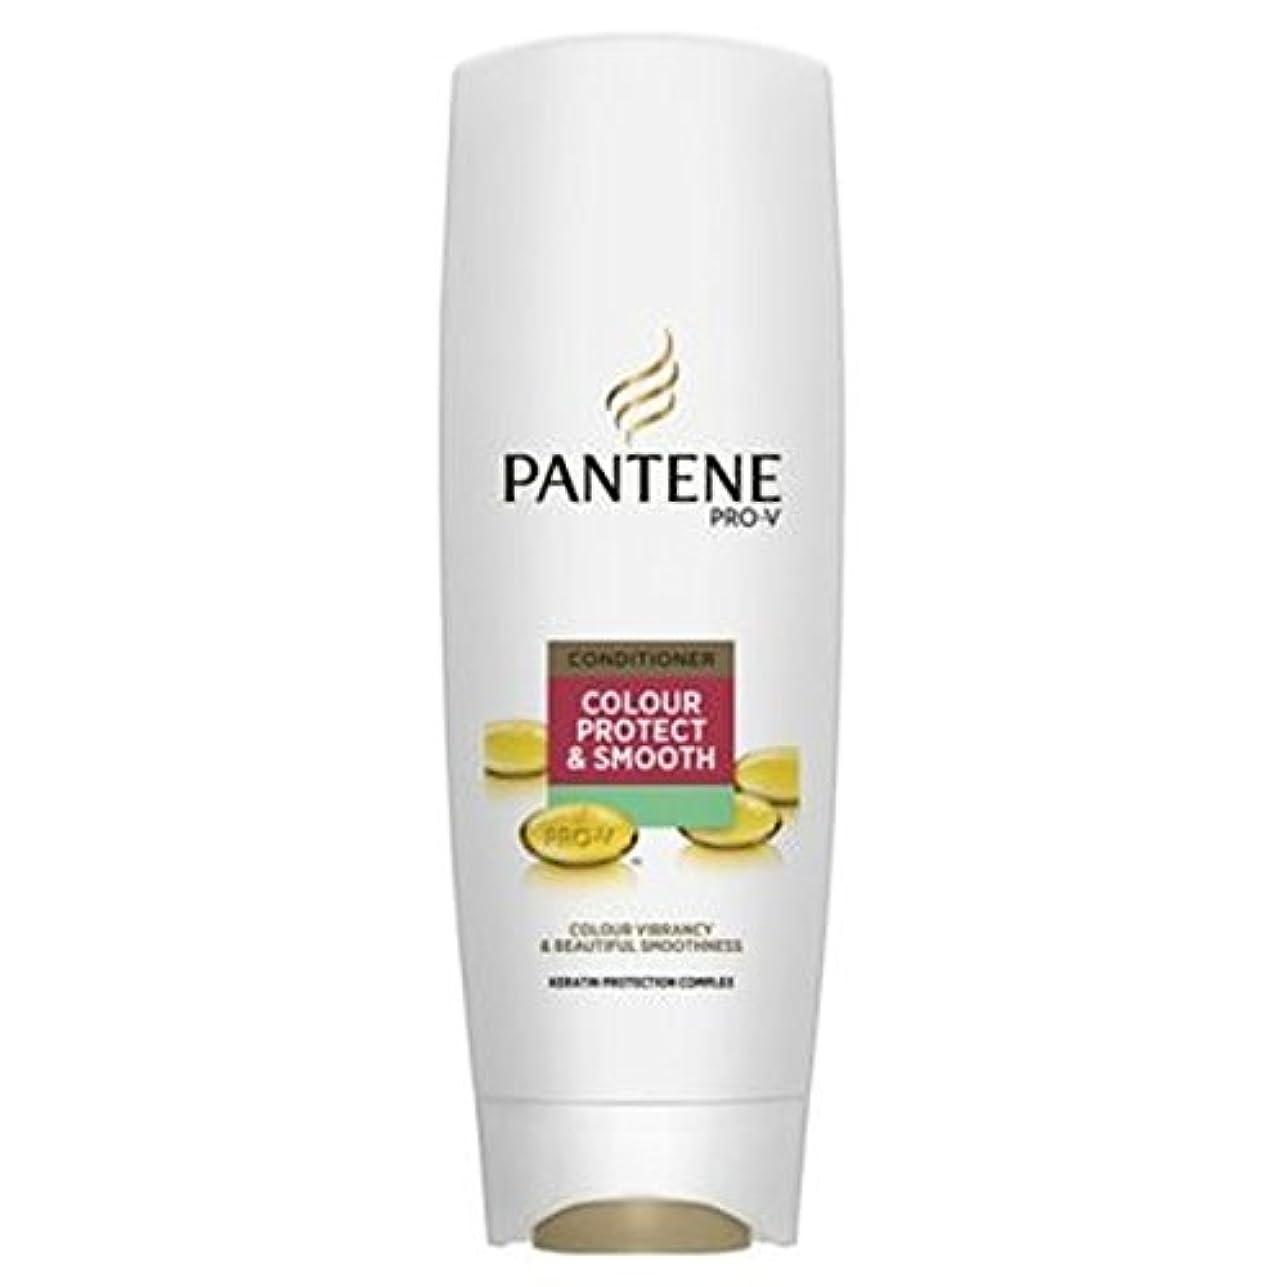 バリア続ける山岳Pantene Pro-V Colour Protect & Smooth Conditioner 360ml - パンテーンプロVの色保護&スムーズコンディショナー360ミリリットル (Pantene) [並行輸入品]